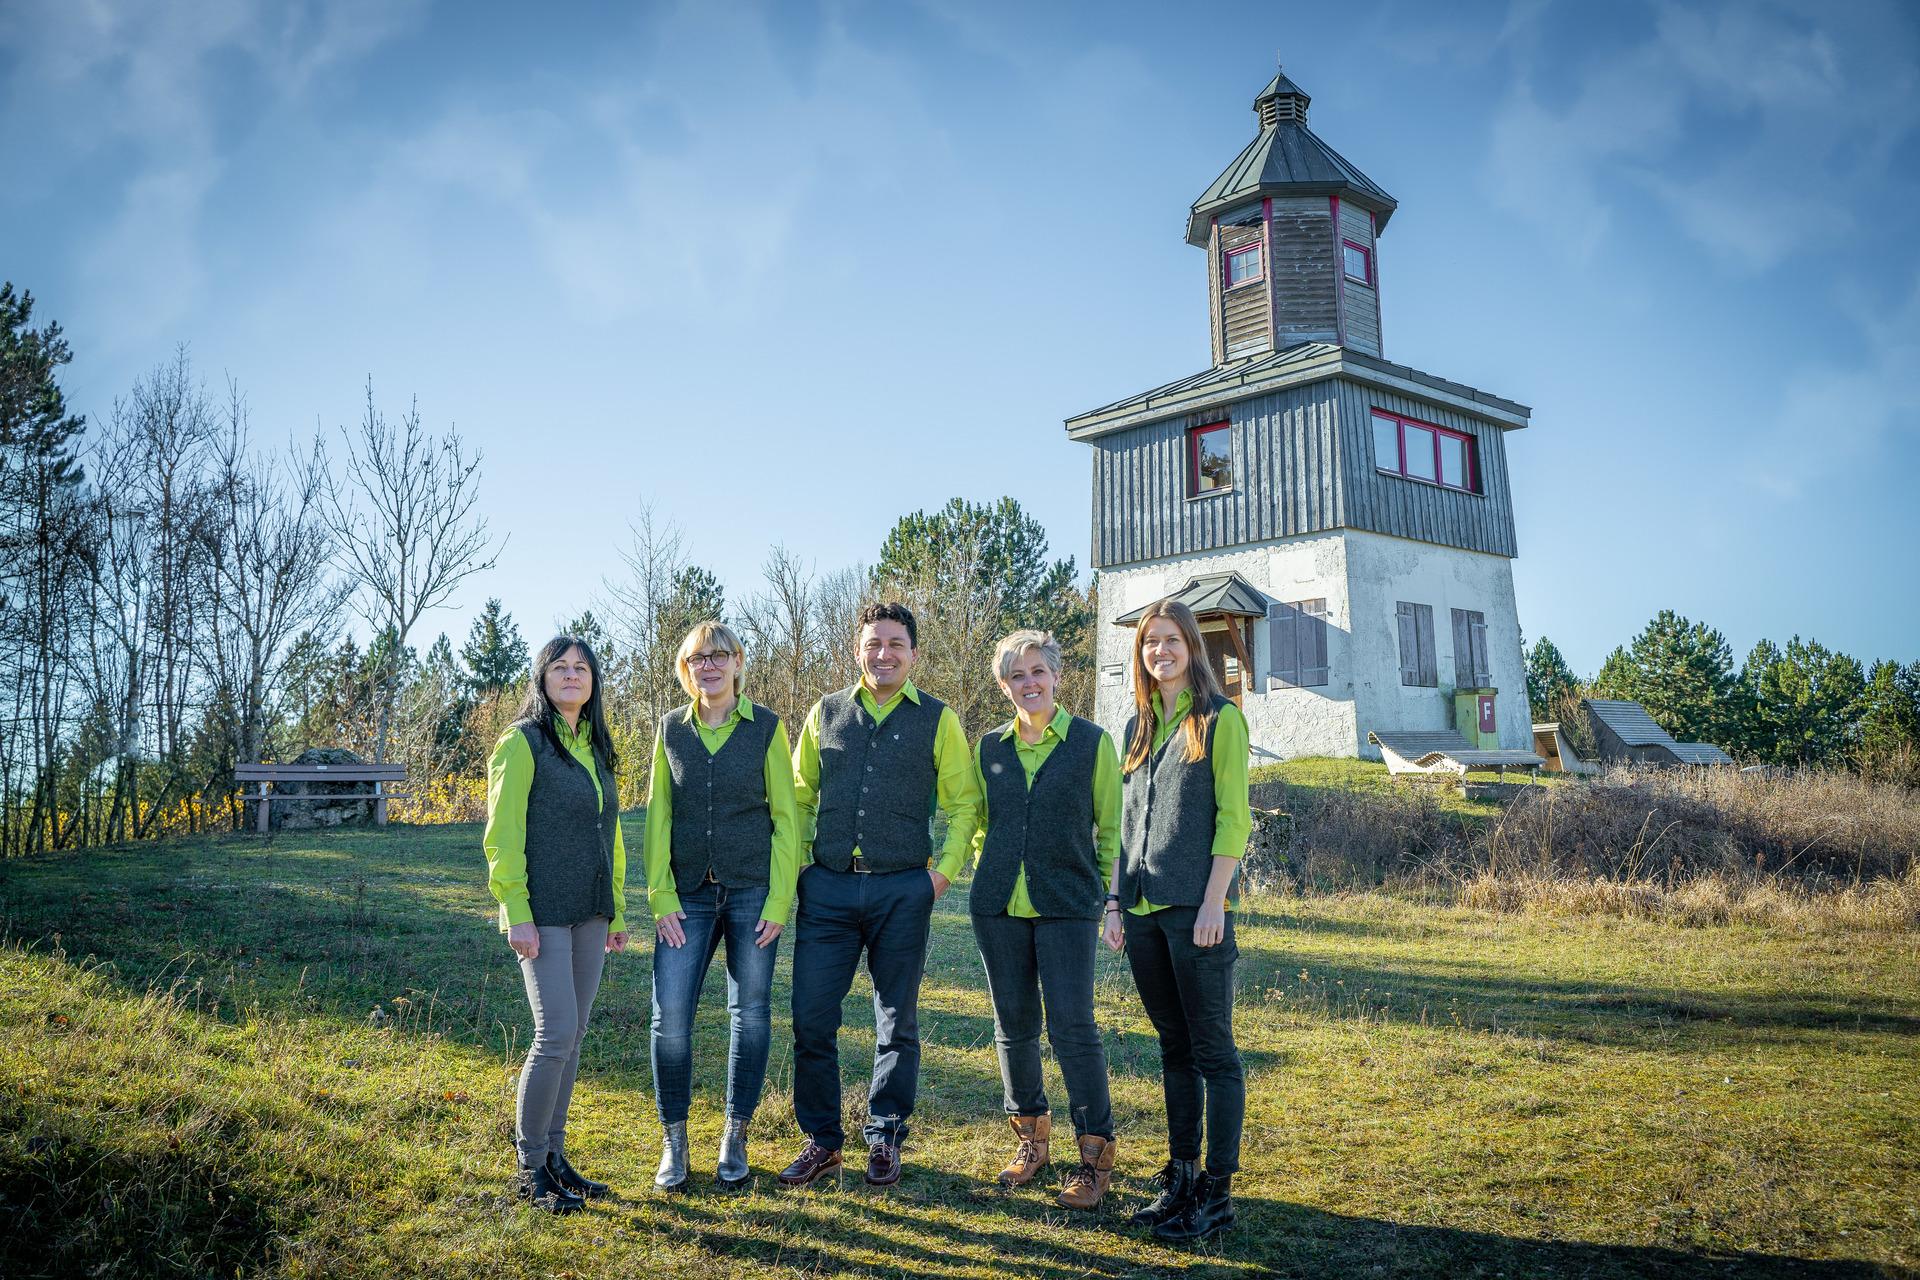 Das Team der Touristik Information Münsingen auf dem ehemaligen Truppenübungsplatz am Sternenbergturm  im Biosphärengebiet Schwäbische Alb.